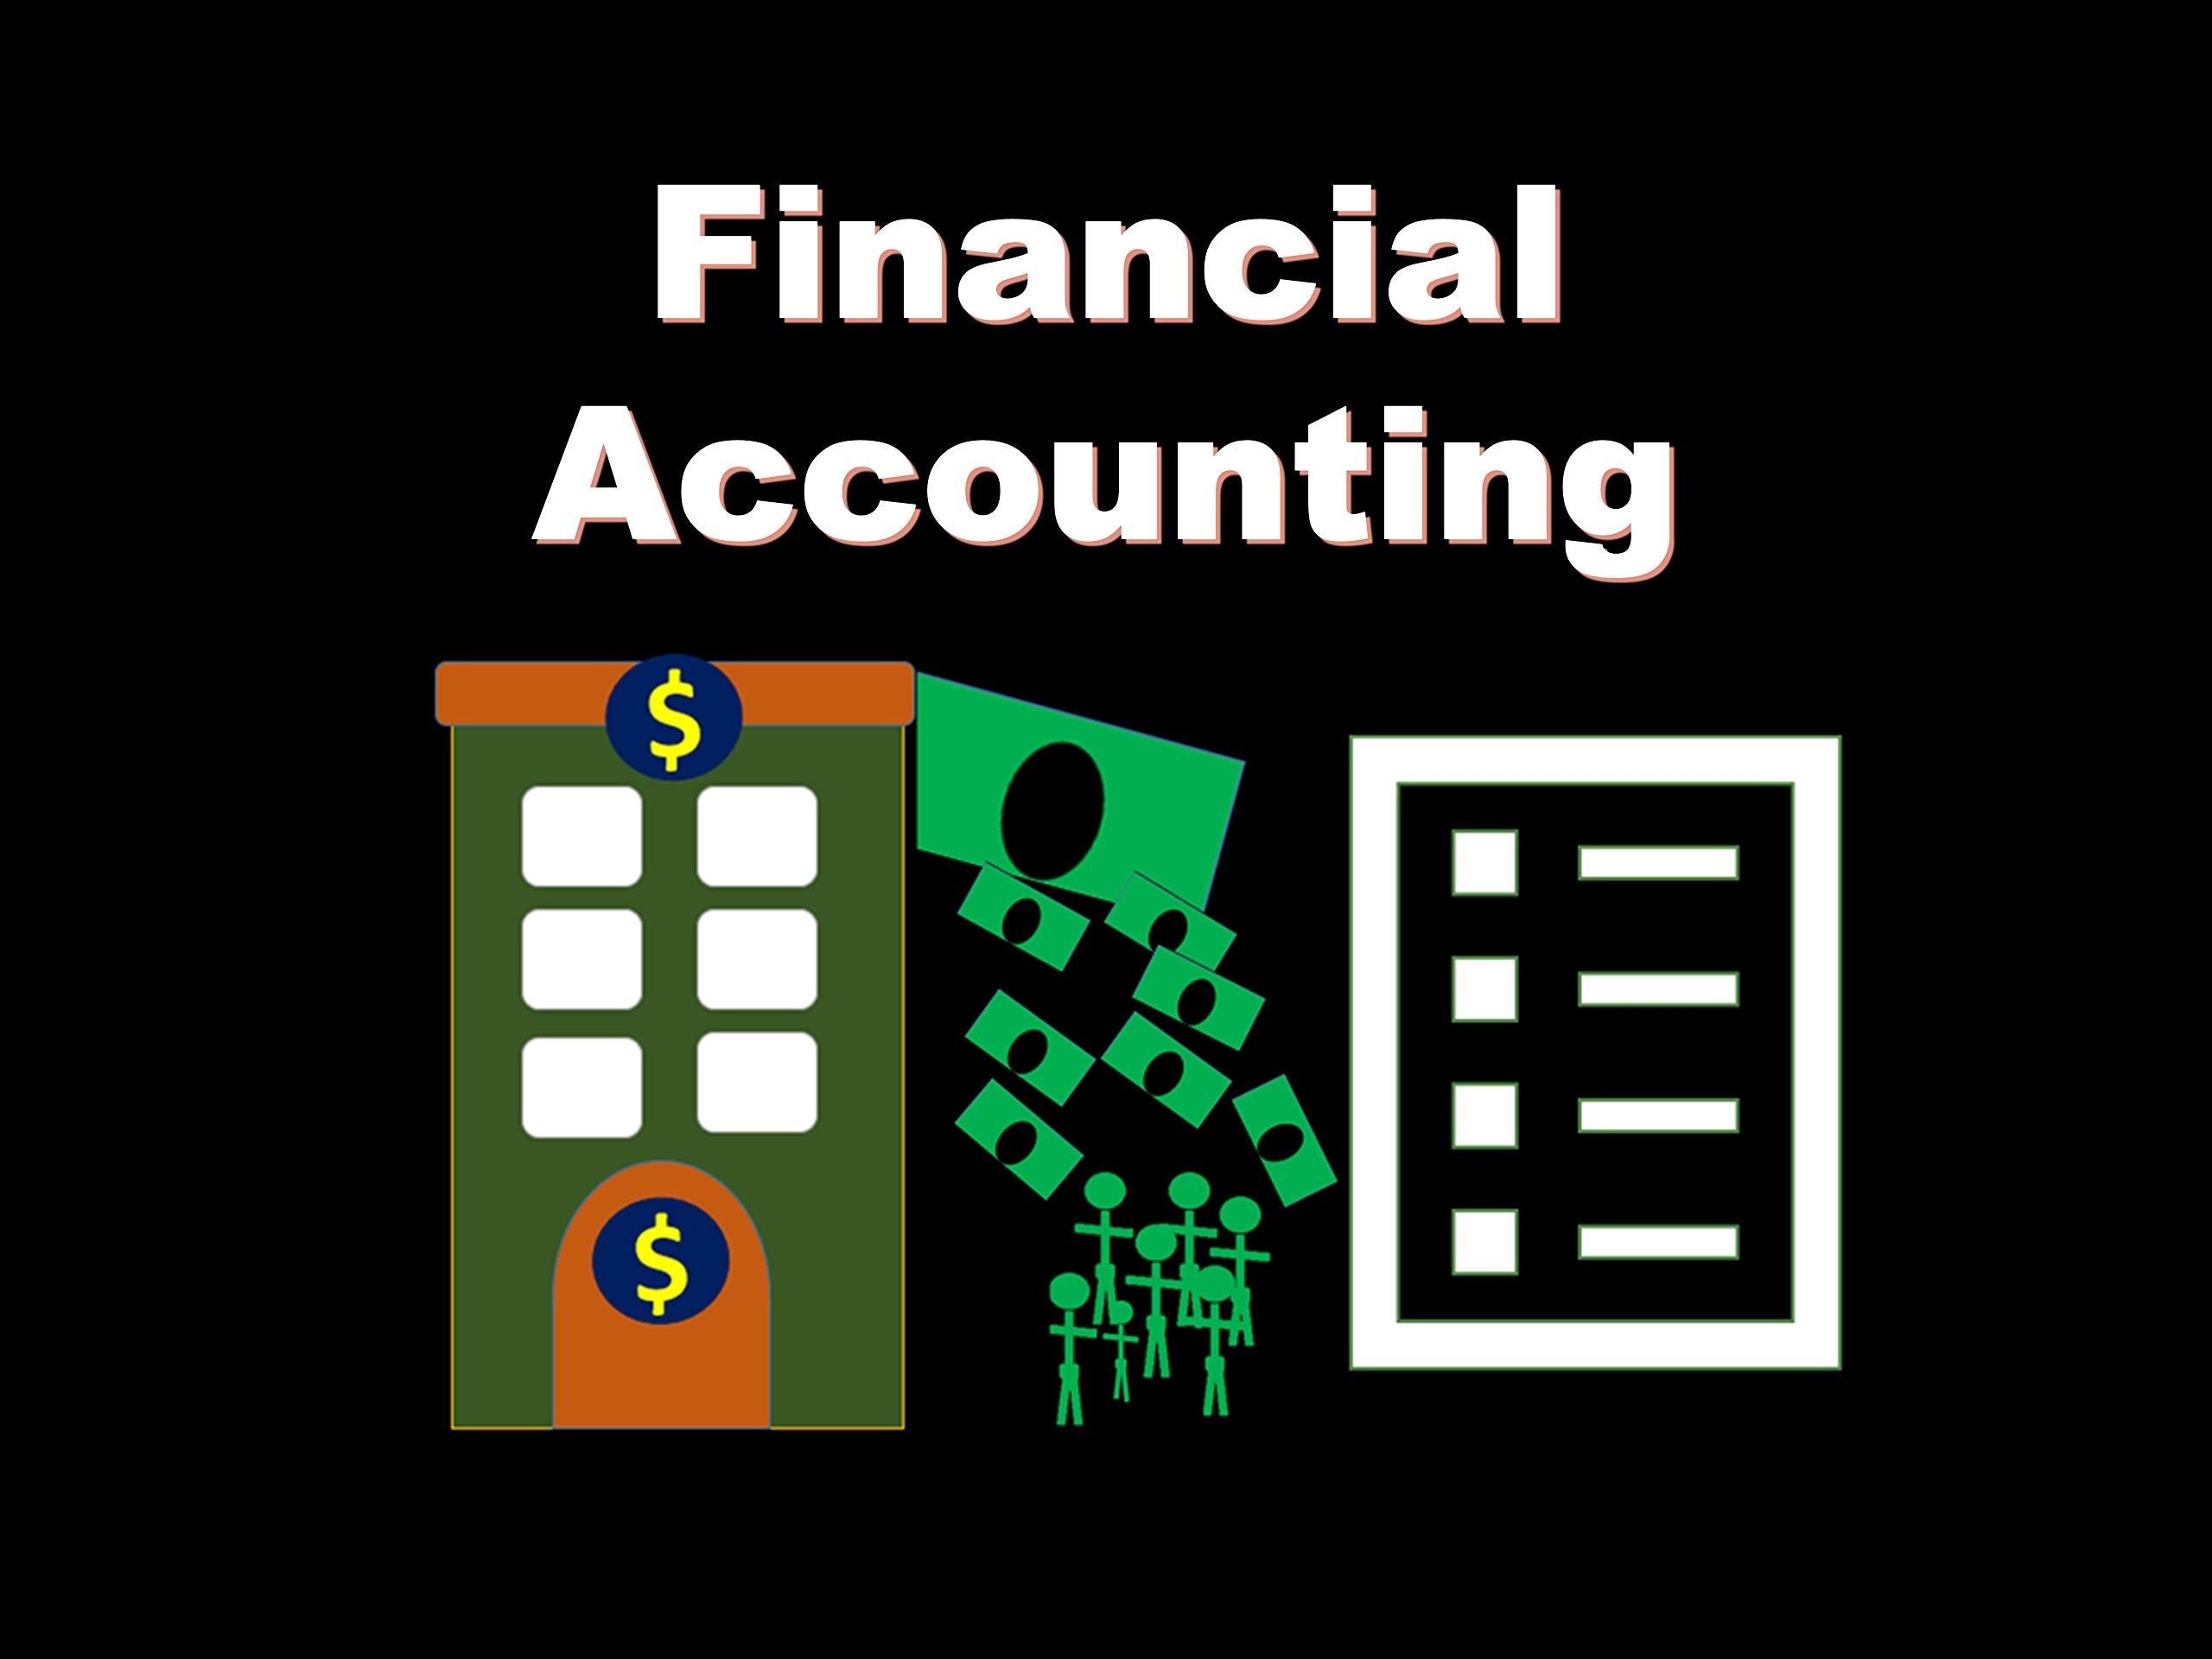 Financial Accounting - Season 10